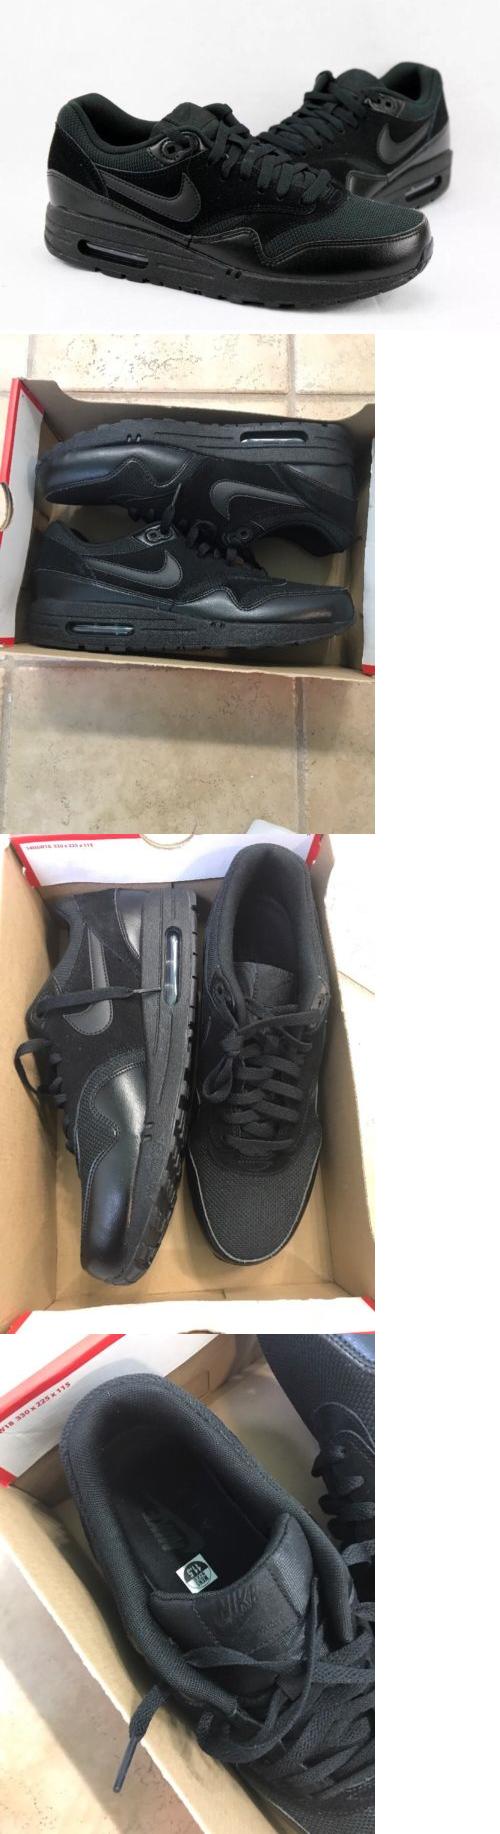 Uomo scarpe  Nike Air Max 1 Essential Nero Uomo S In esecuzione scarpe Size